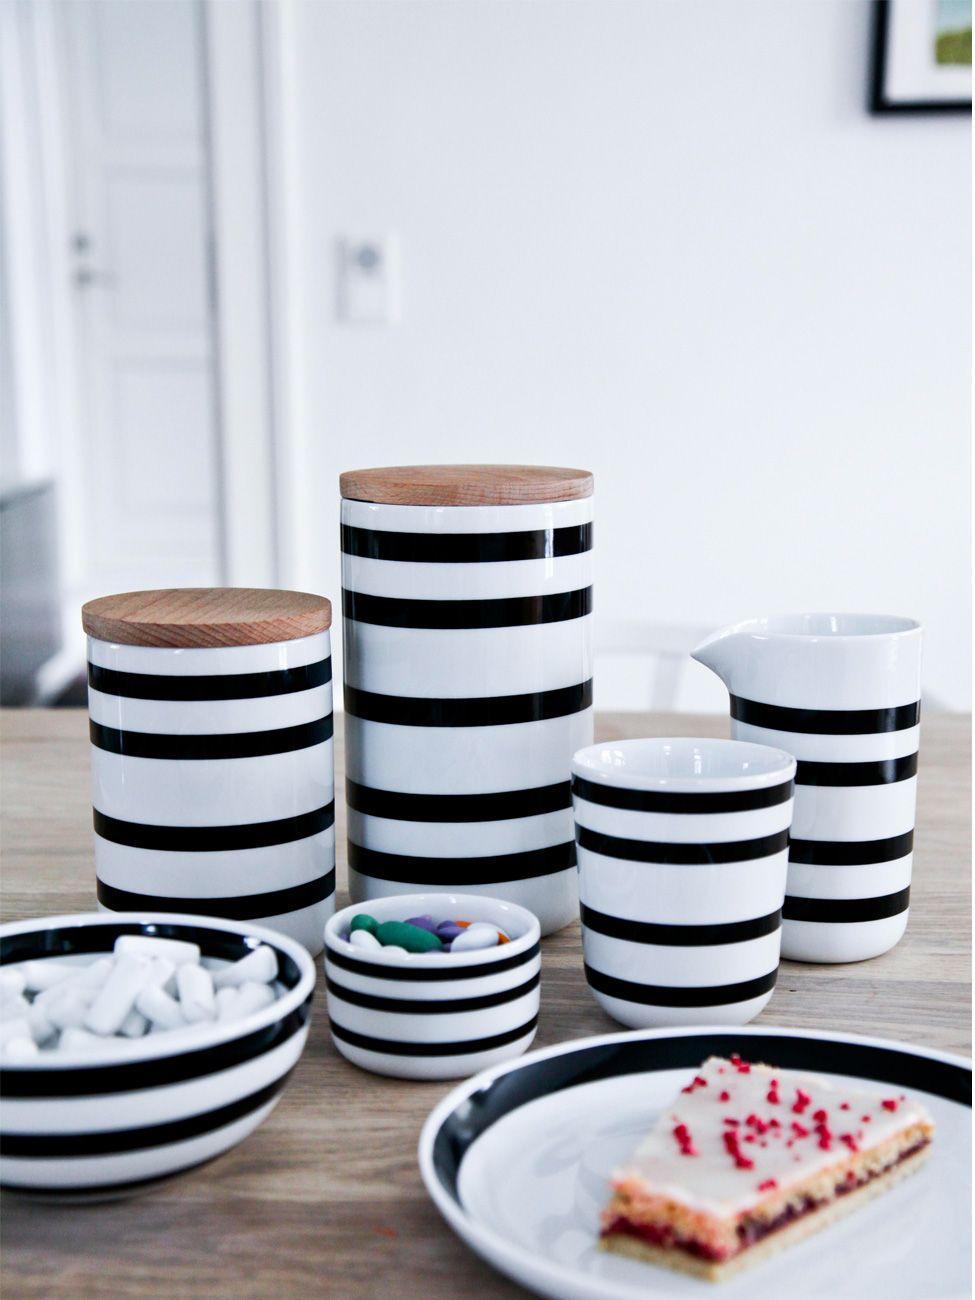 10 x 7 küchendesign kähler omaggio keramikdose  schwarzweiß  gedeckter tisch